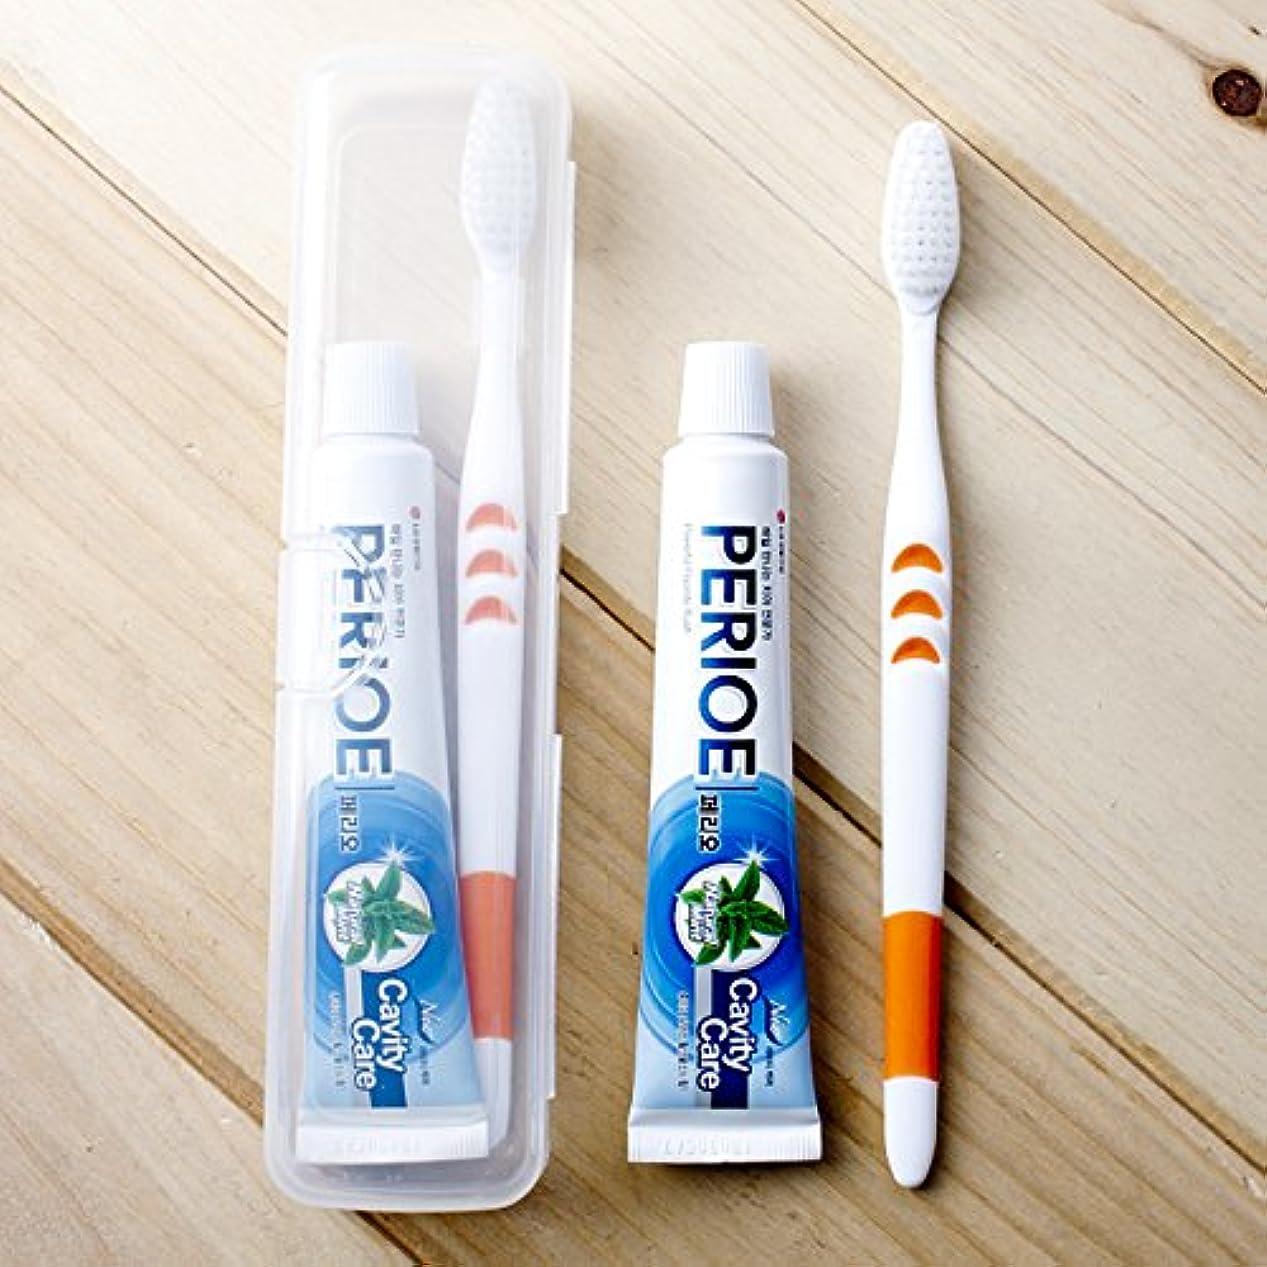 独創的罪未来VBMDoM 旅行歯ブラシキットセット x 2個 韓国製品 [並行輸入品]